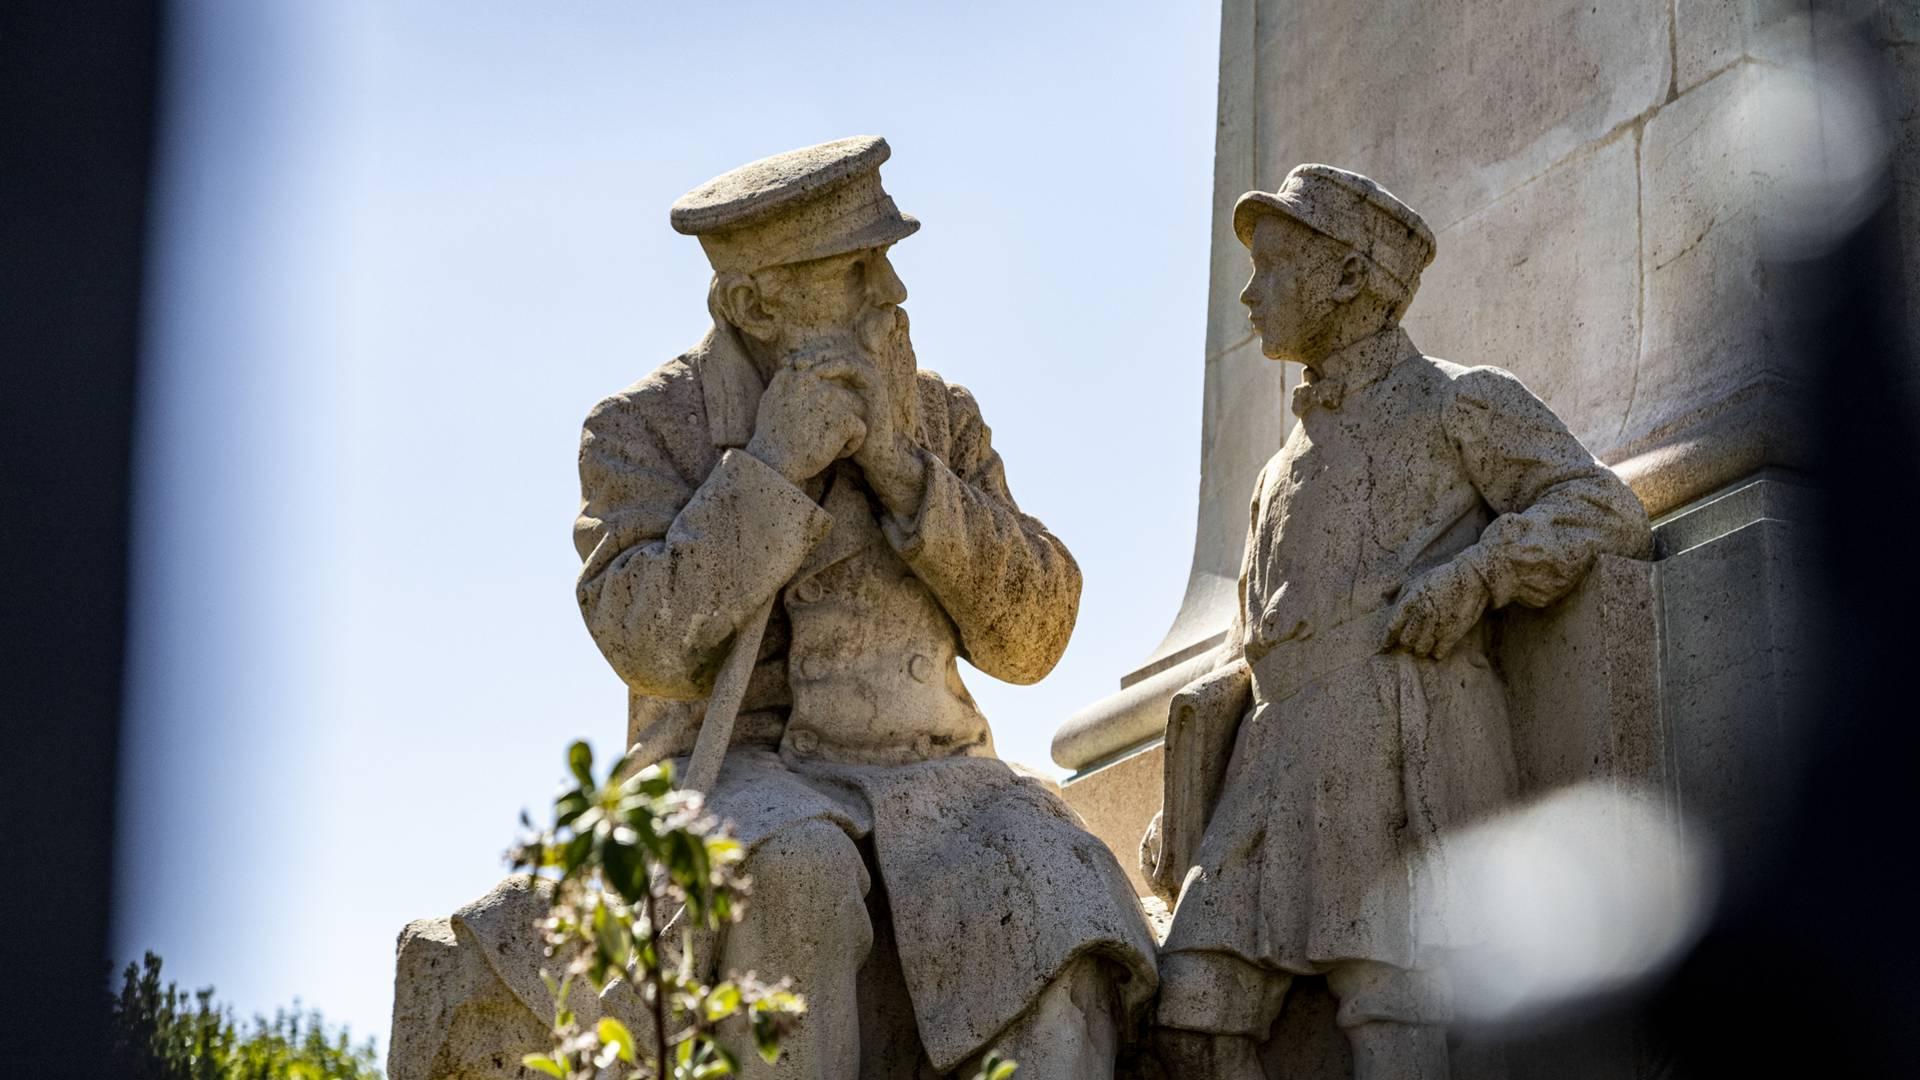 Détail du monument à Henri Schneider devant l'Hôtel-Dieu du Creusot. © Lesley Williamson.